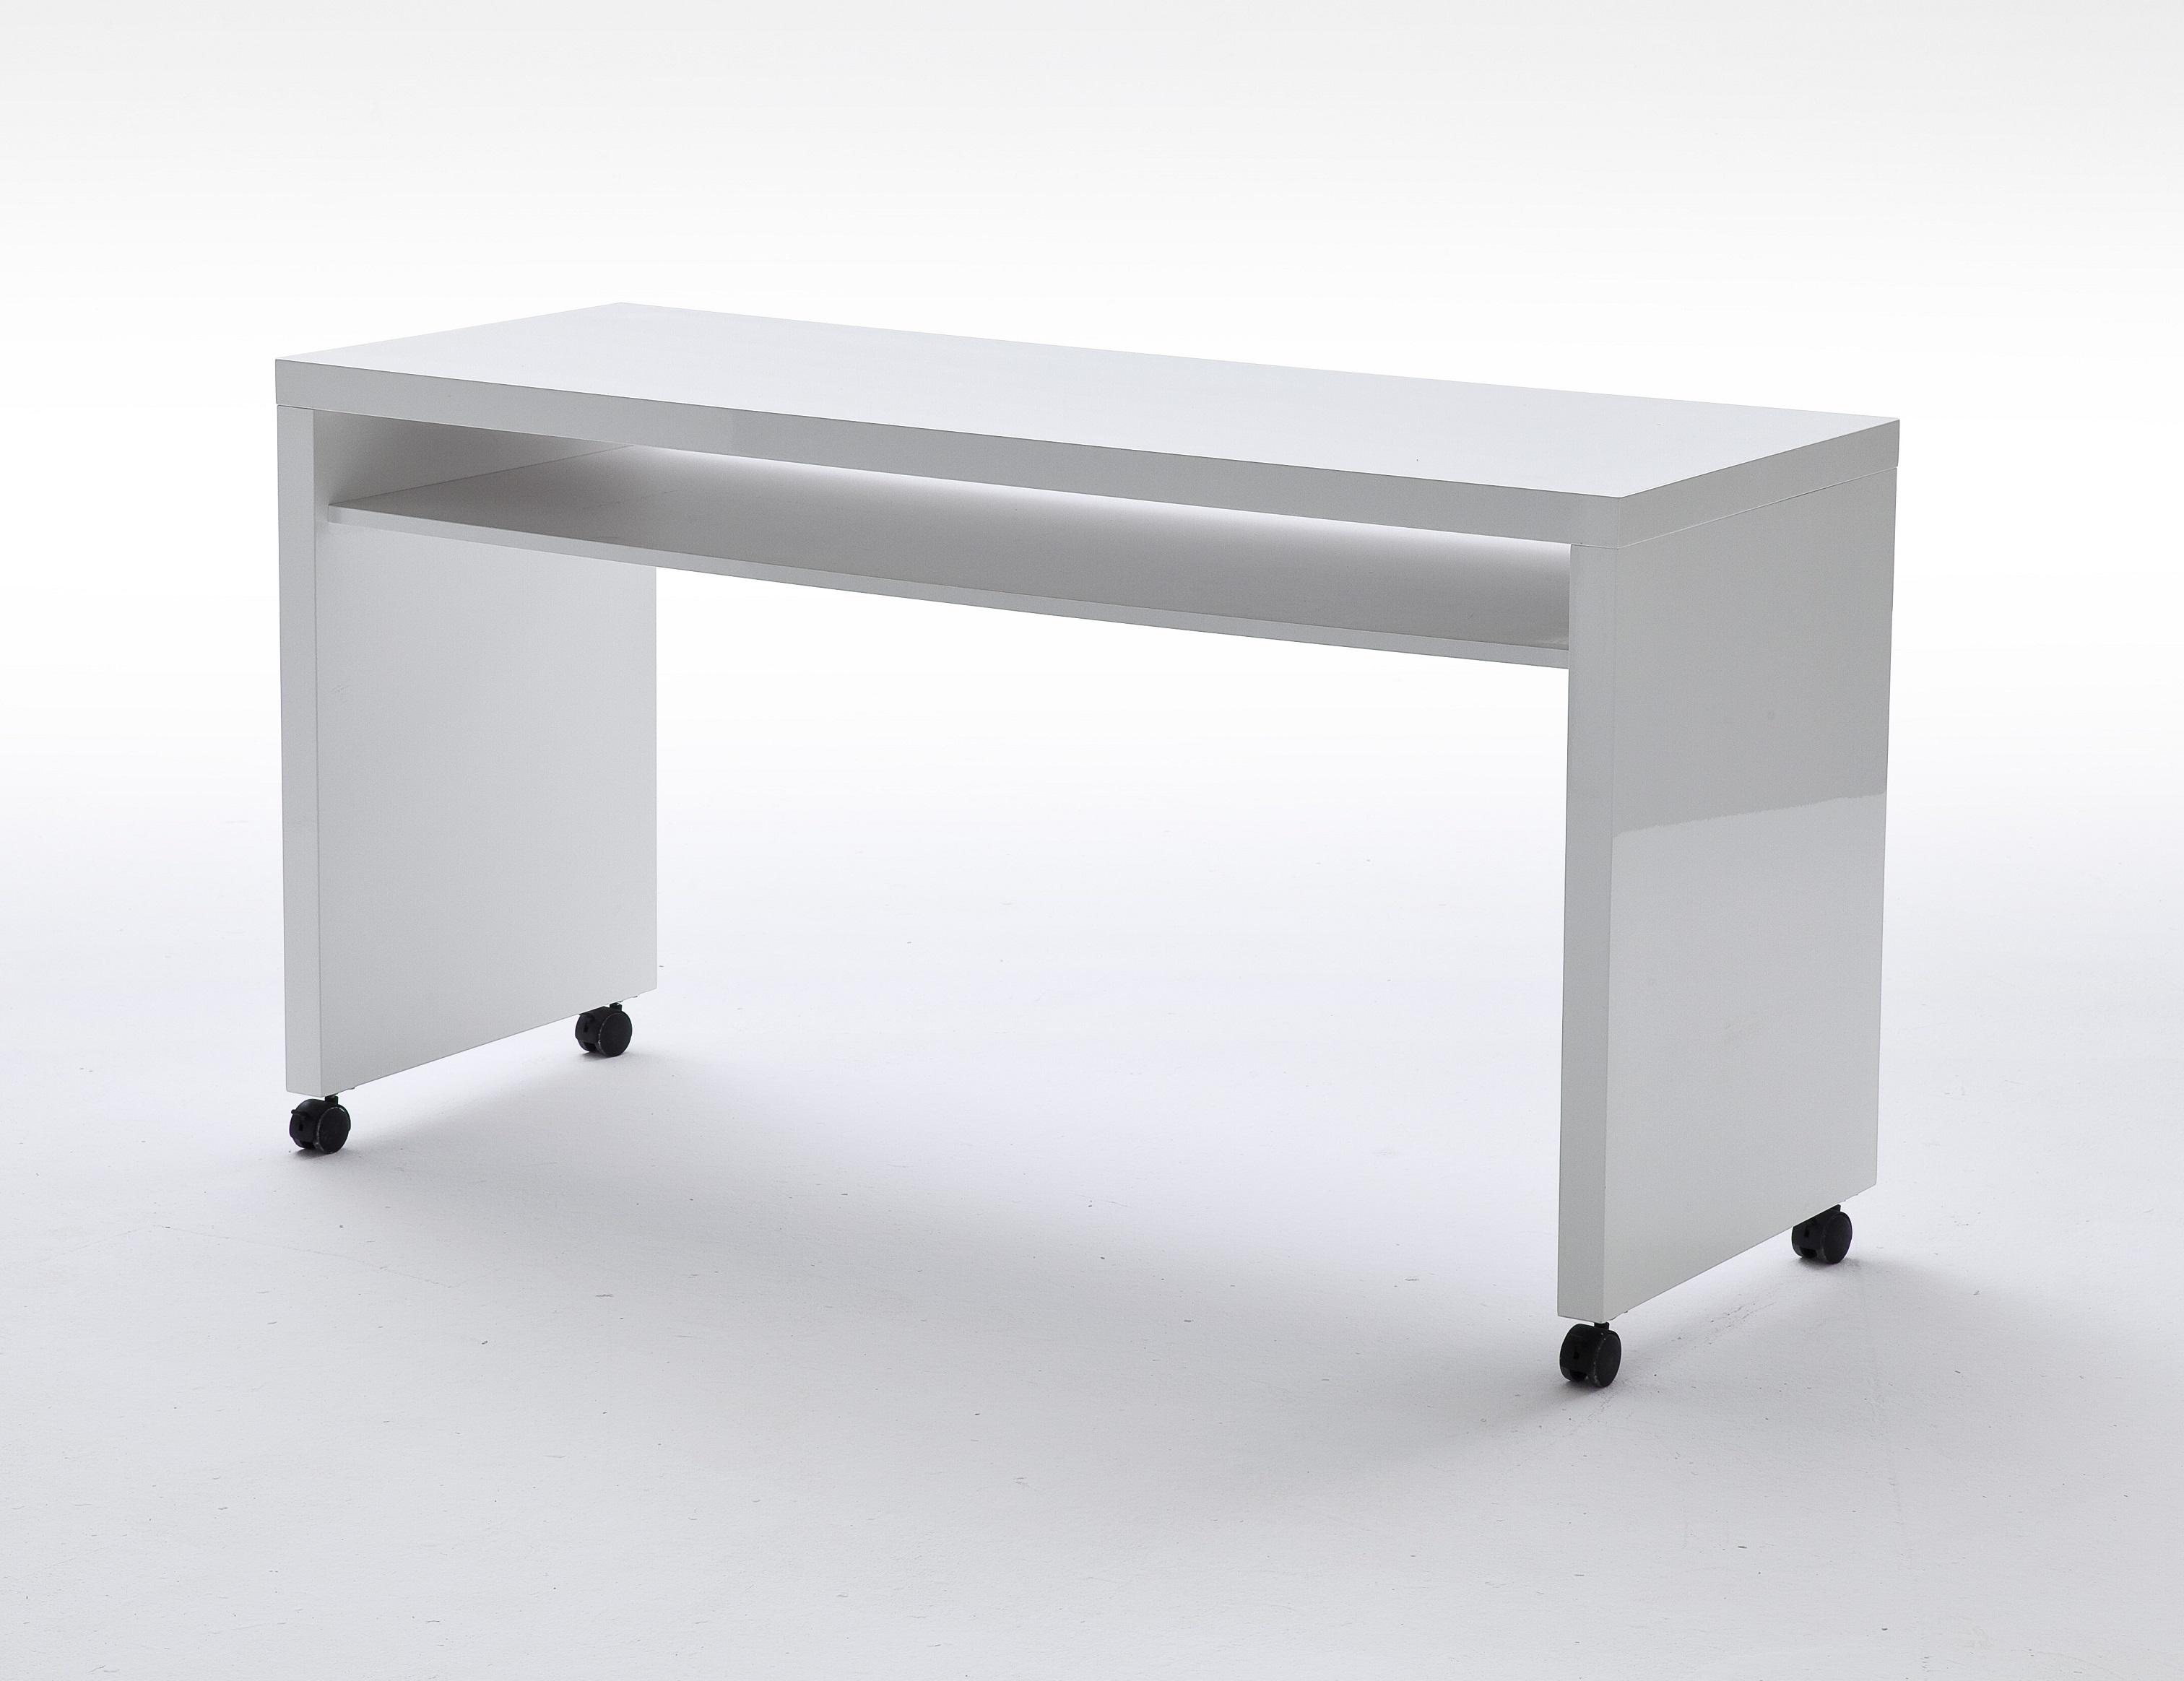 hochglanz schreibtisch wei g nstig kaufen. Black Bedroom Furniture Sets. Home Design Ideas